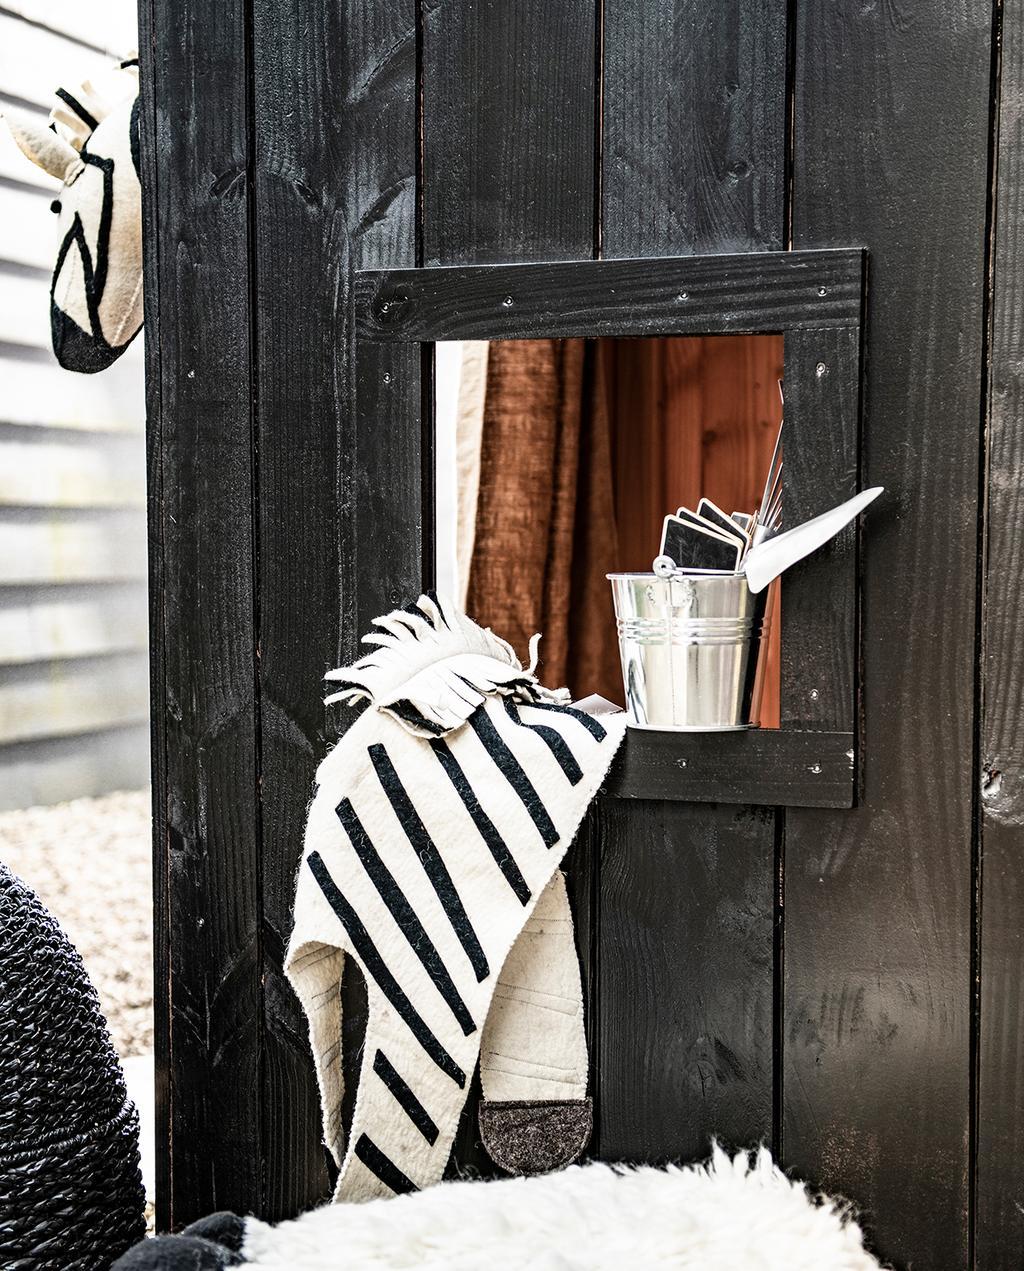 vtwonen tuin special 1 2020 | Zebra pak en tin emmertje